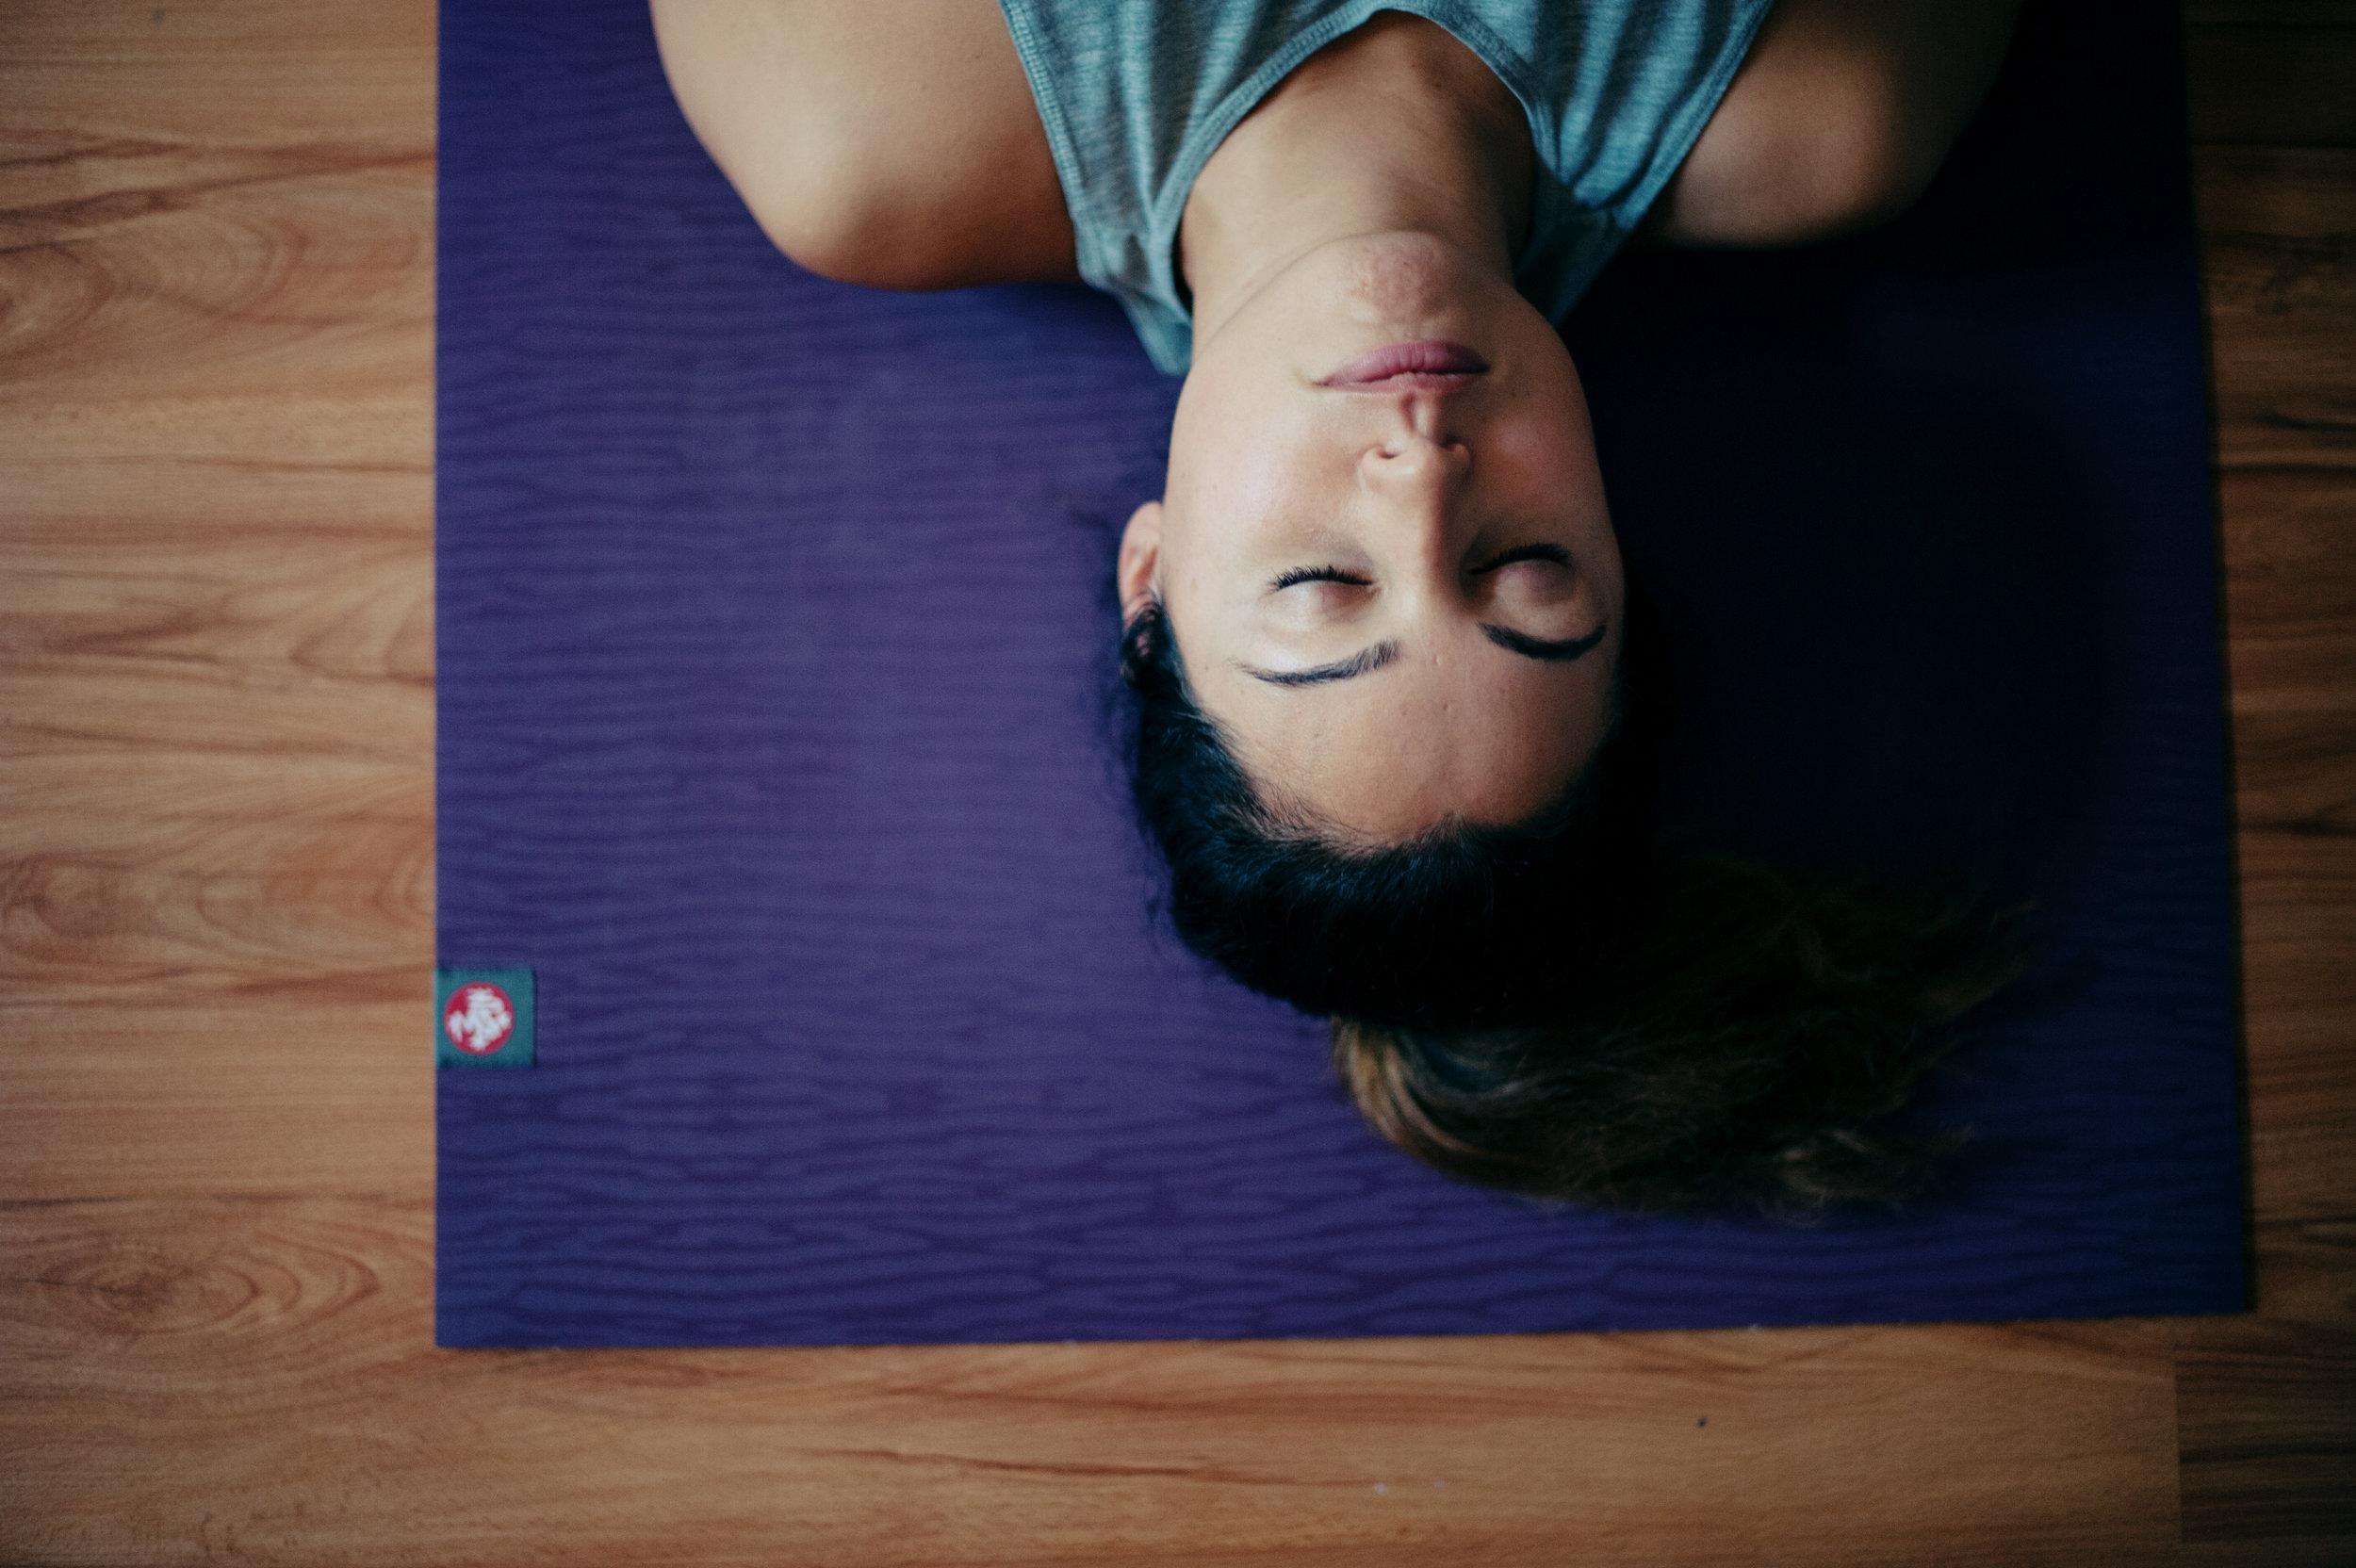 yoga-savasana-rest.jpg